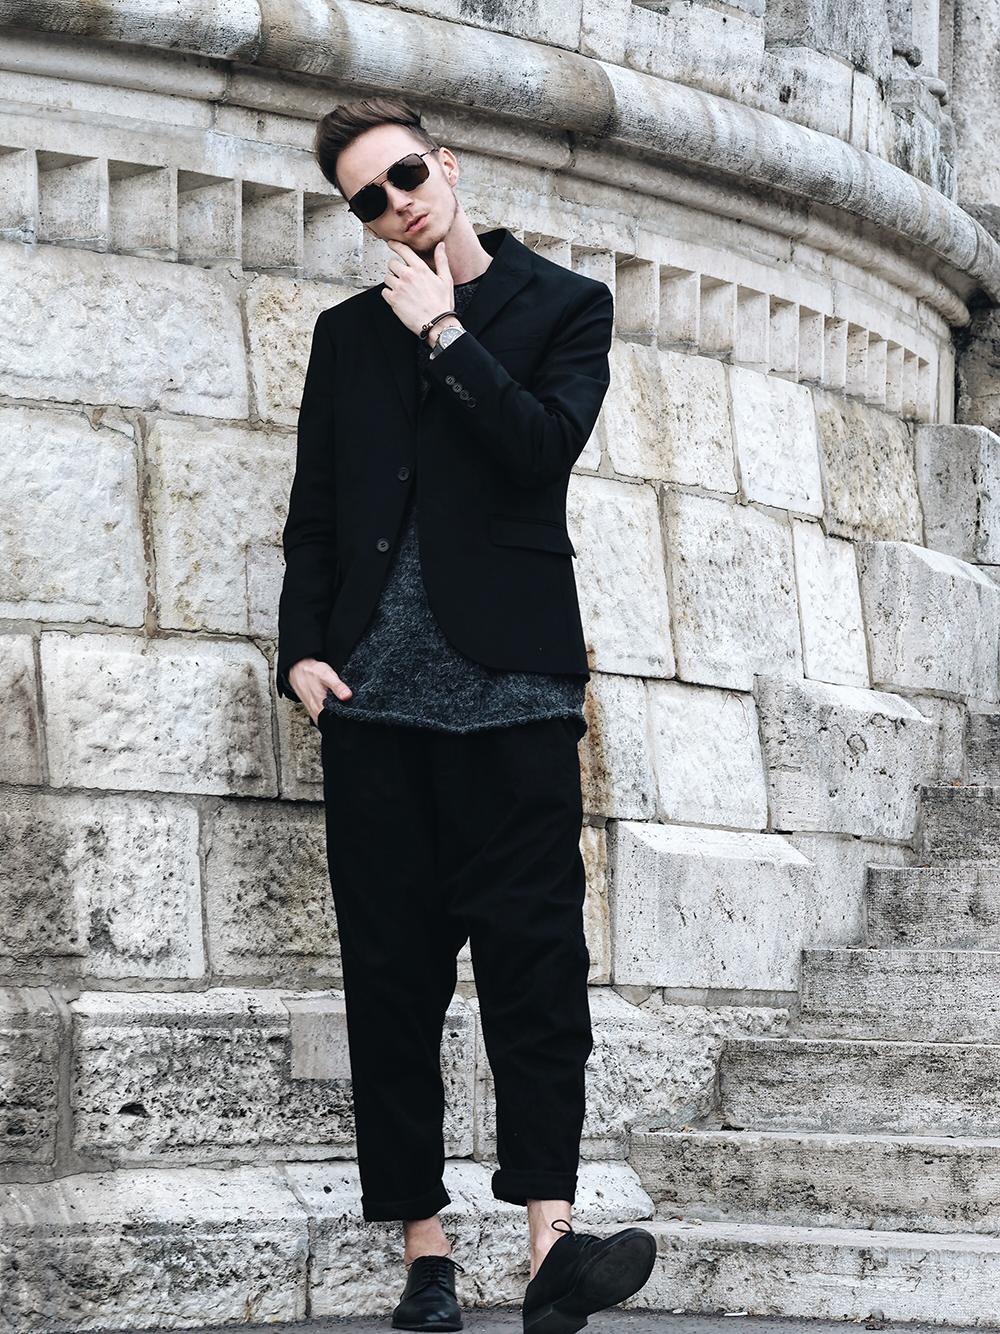 emporio-armani-watch-karora-ferfi-ora-karkoto-giorgio-armani-napszemuveg-outfit-ferfidivat-smizedivat-chaby-divatblogger-fashion-blogger_3.png